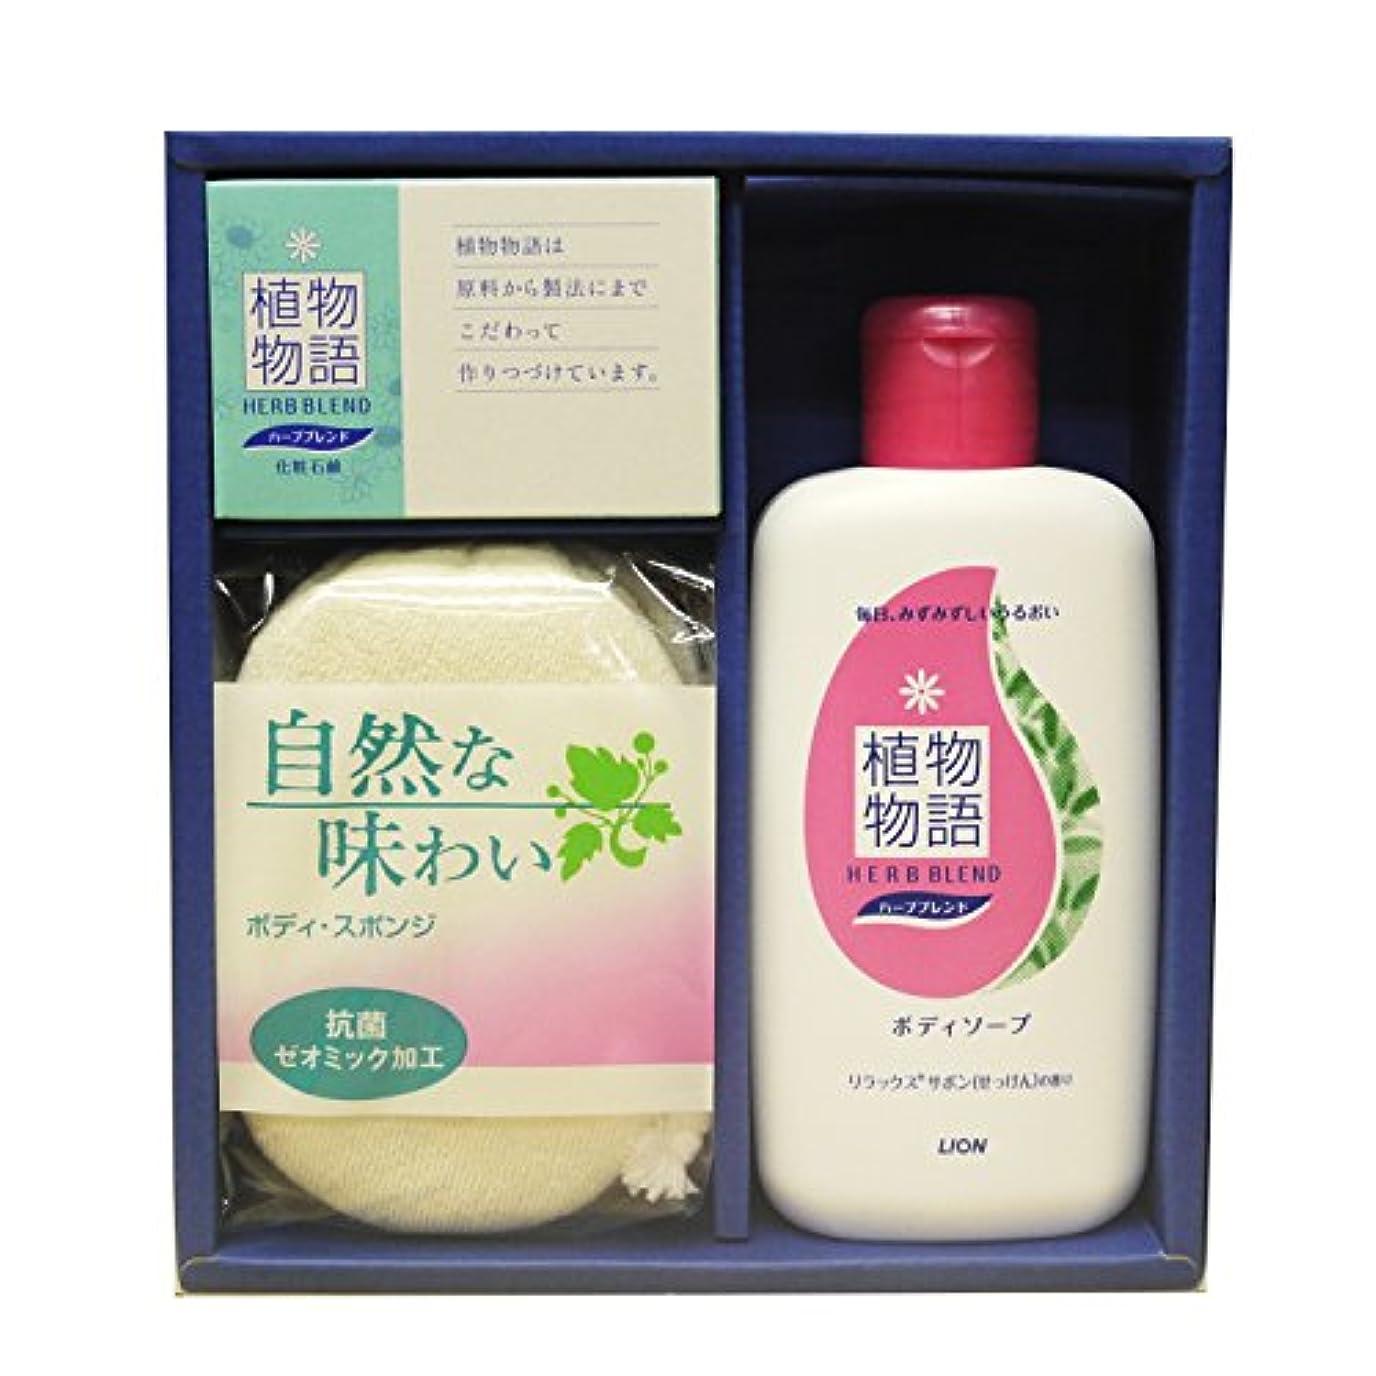 植物物語ギフトセット ボディーソープ 化粧石鹸 スポンジ